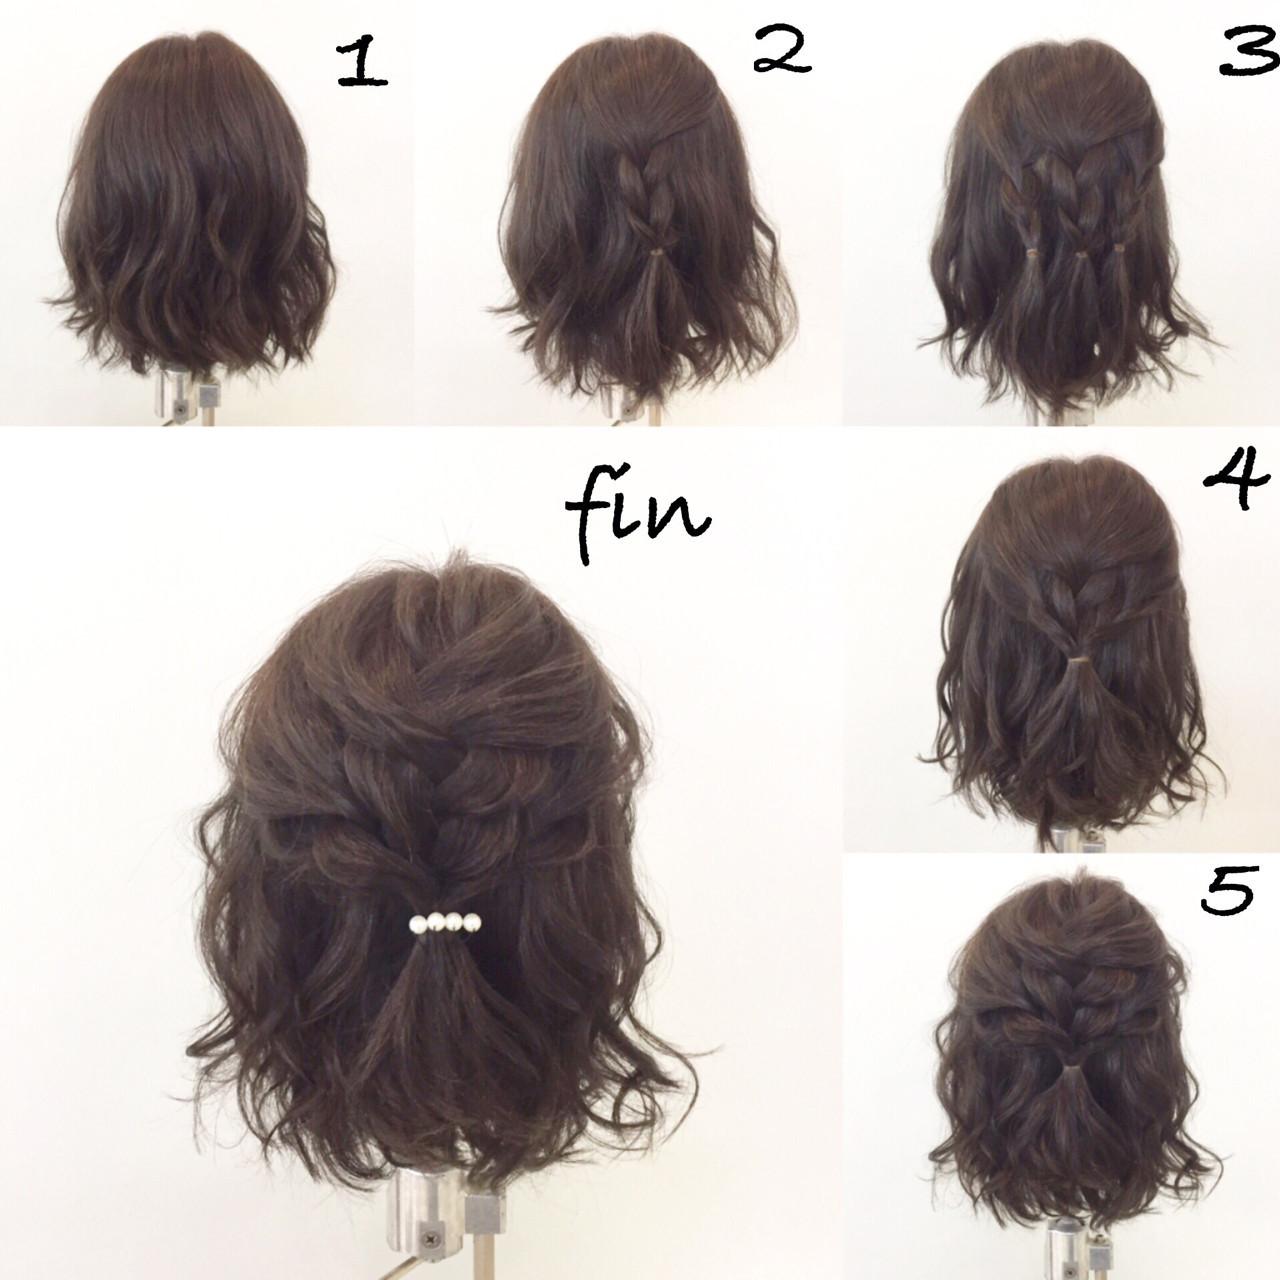 簡単ヘアアレンジ 編み込み ボブ 大人女子 ヘアスタイルや髪型の写真・画像